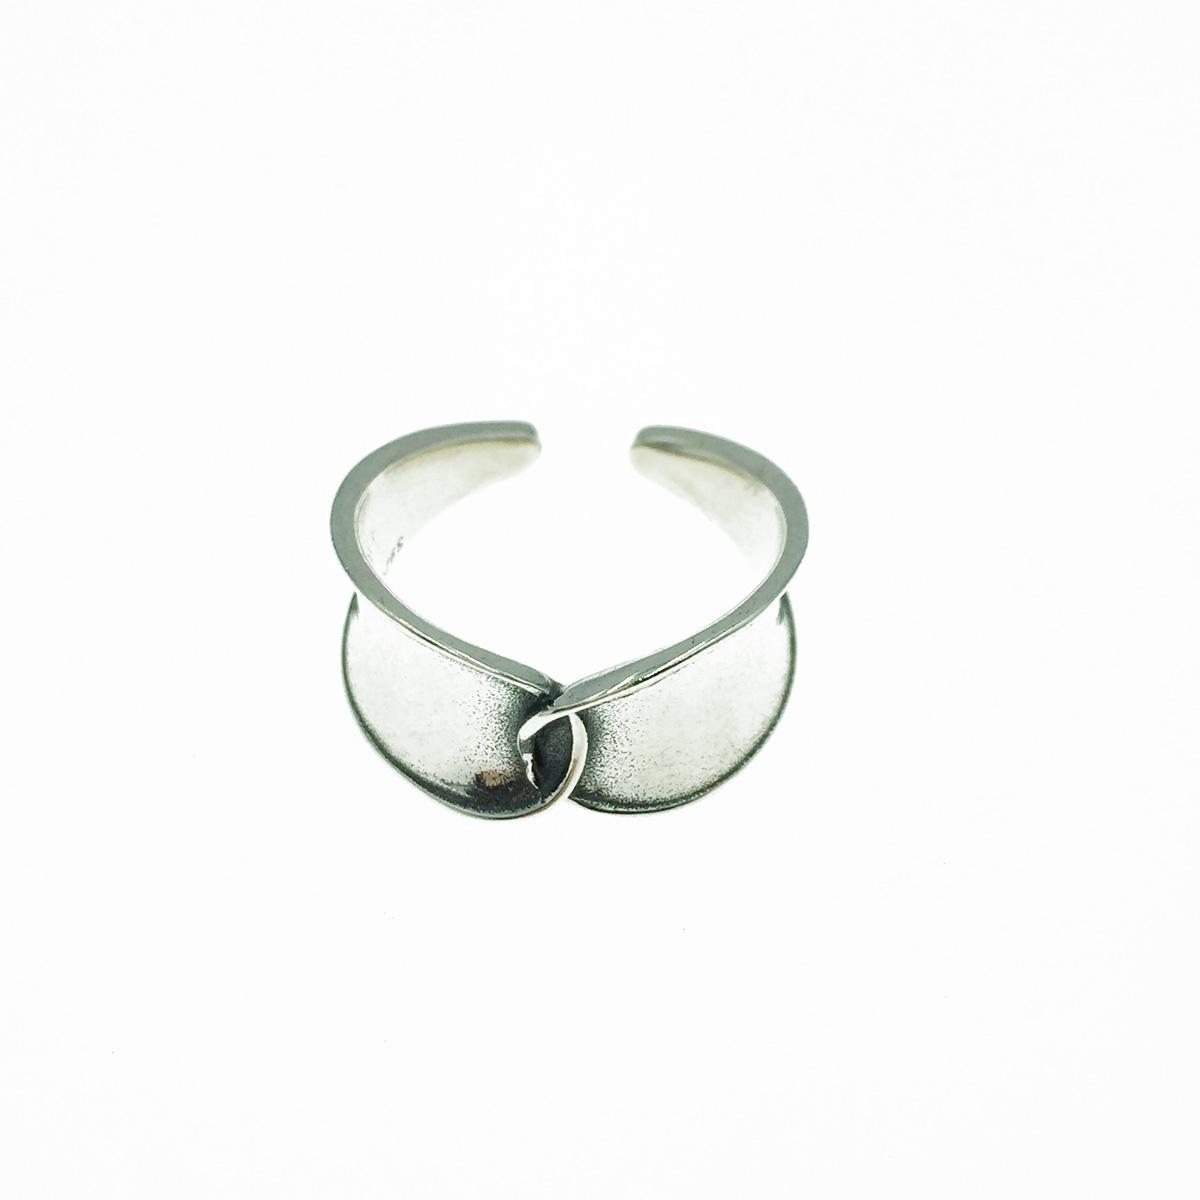 韓國 925純銀 光滑金屬面 重疊 寬版 個性款 可調式 戒指